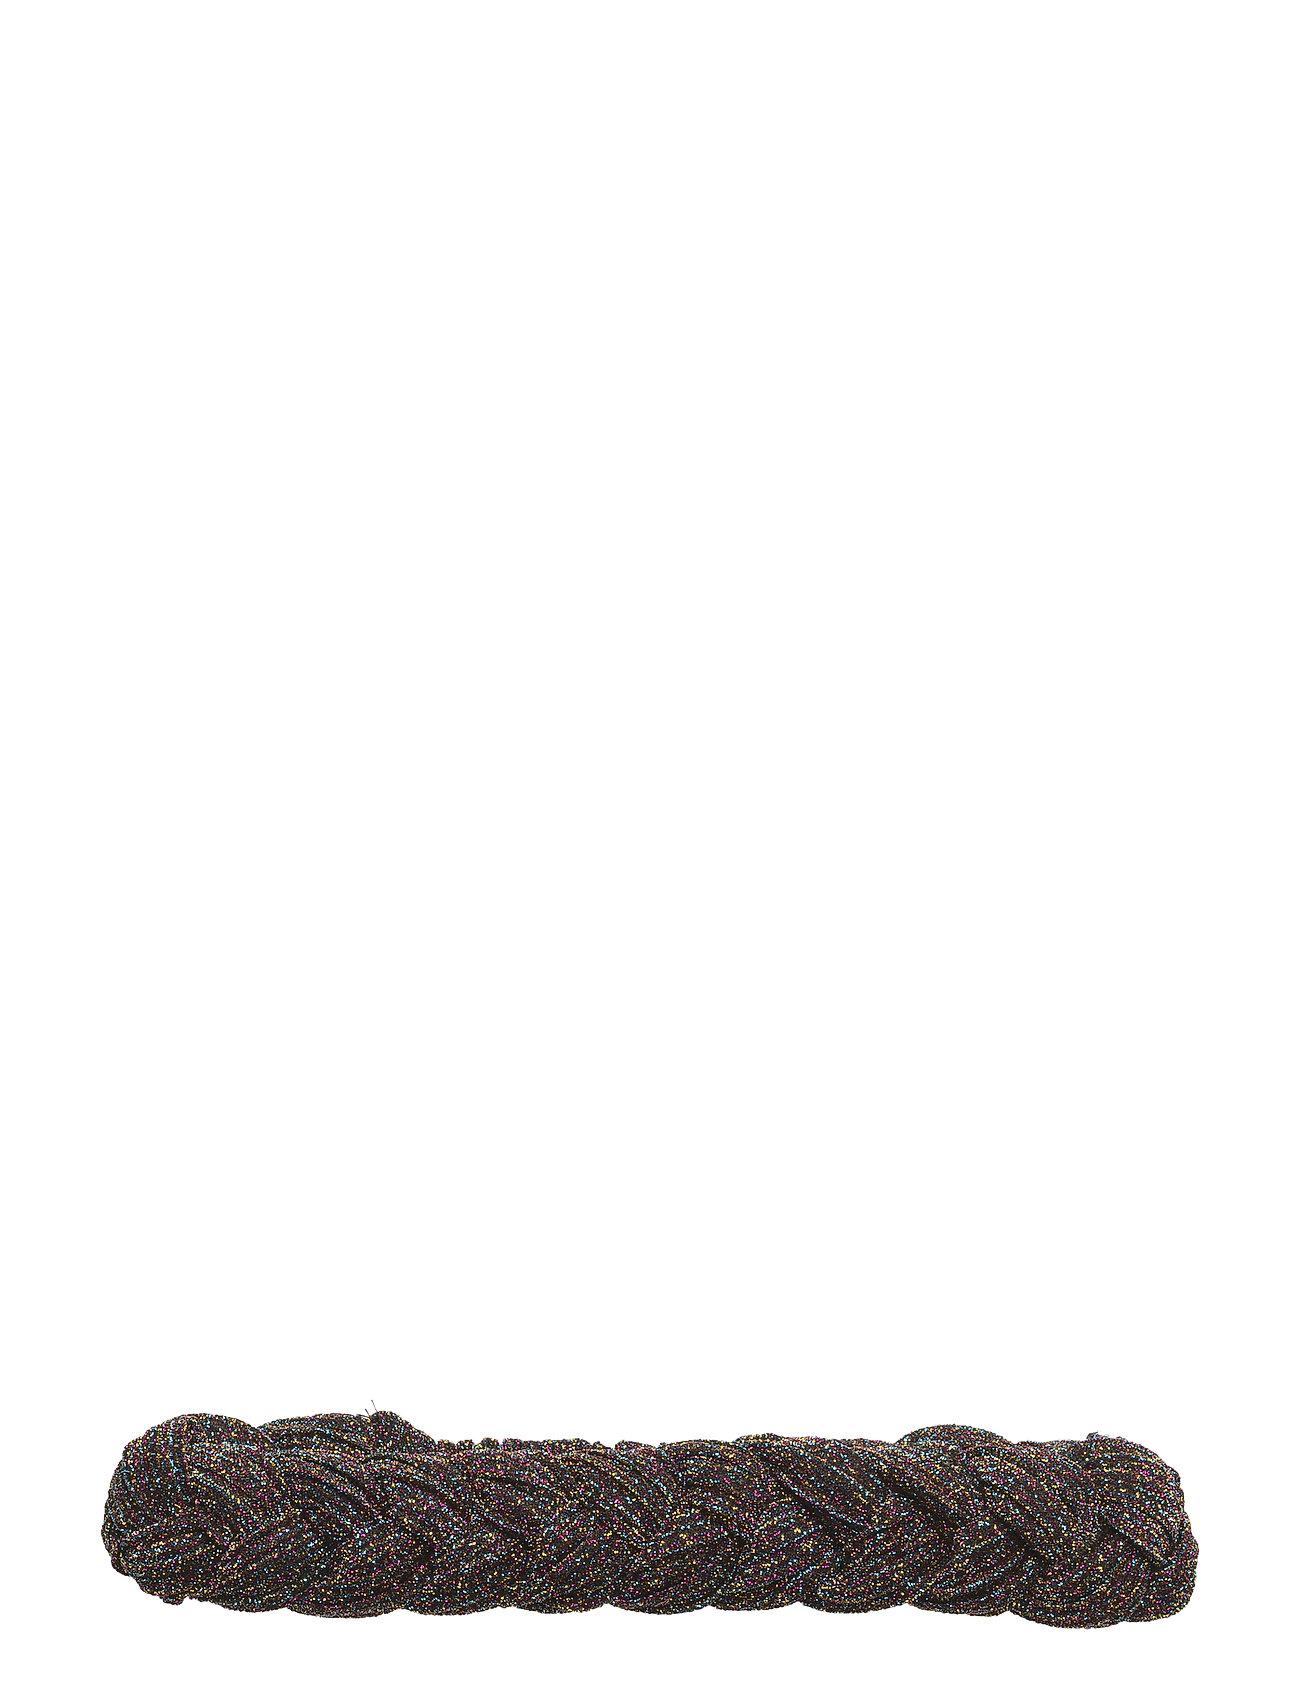 Image of Braided Hairband (3055981545)